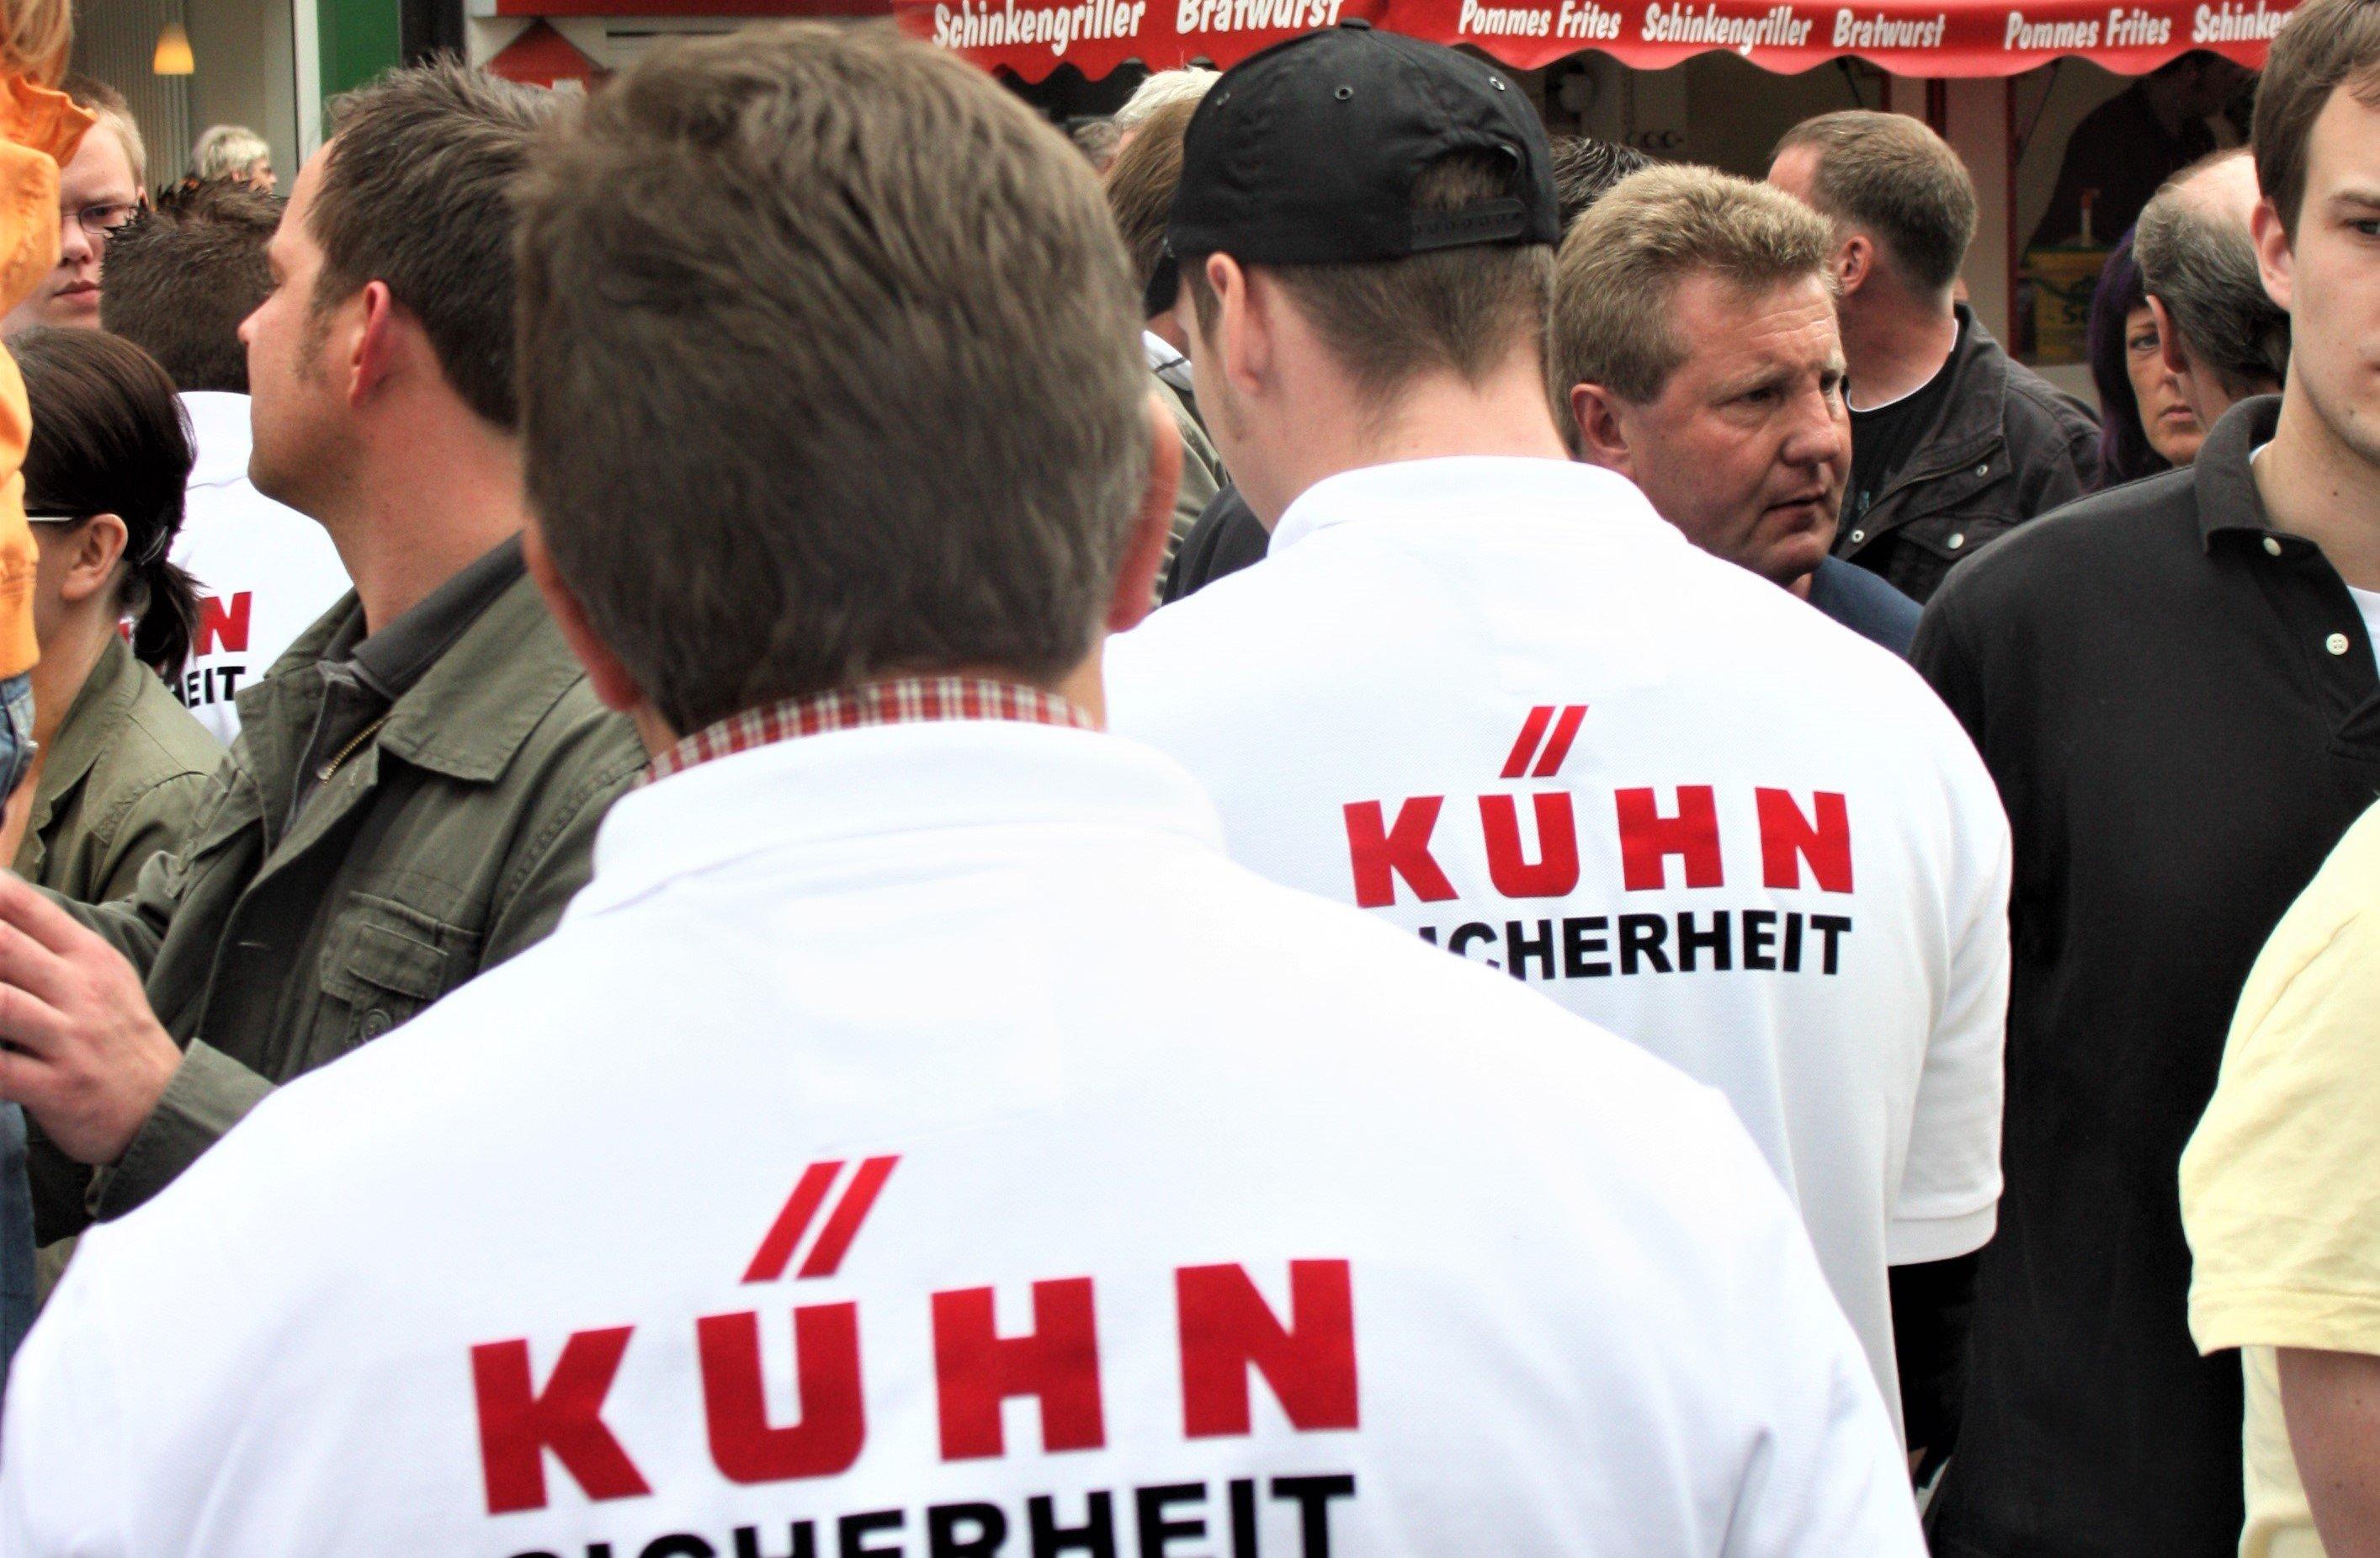 Ordnerdienste in Hannover, Hildesheim und Braunschweig! Rufen Sie uns an!